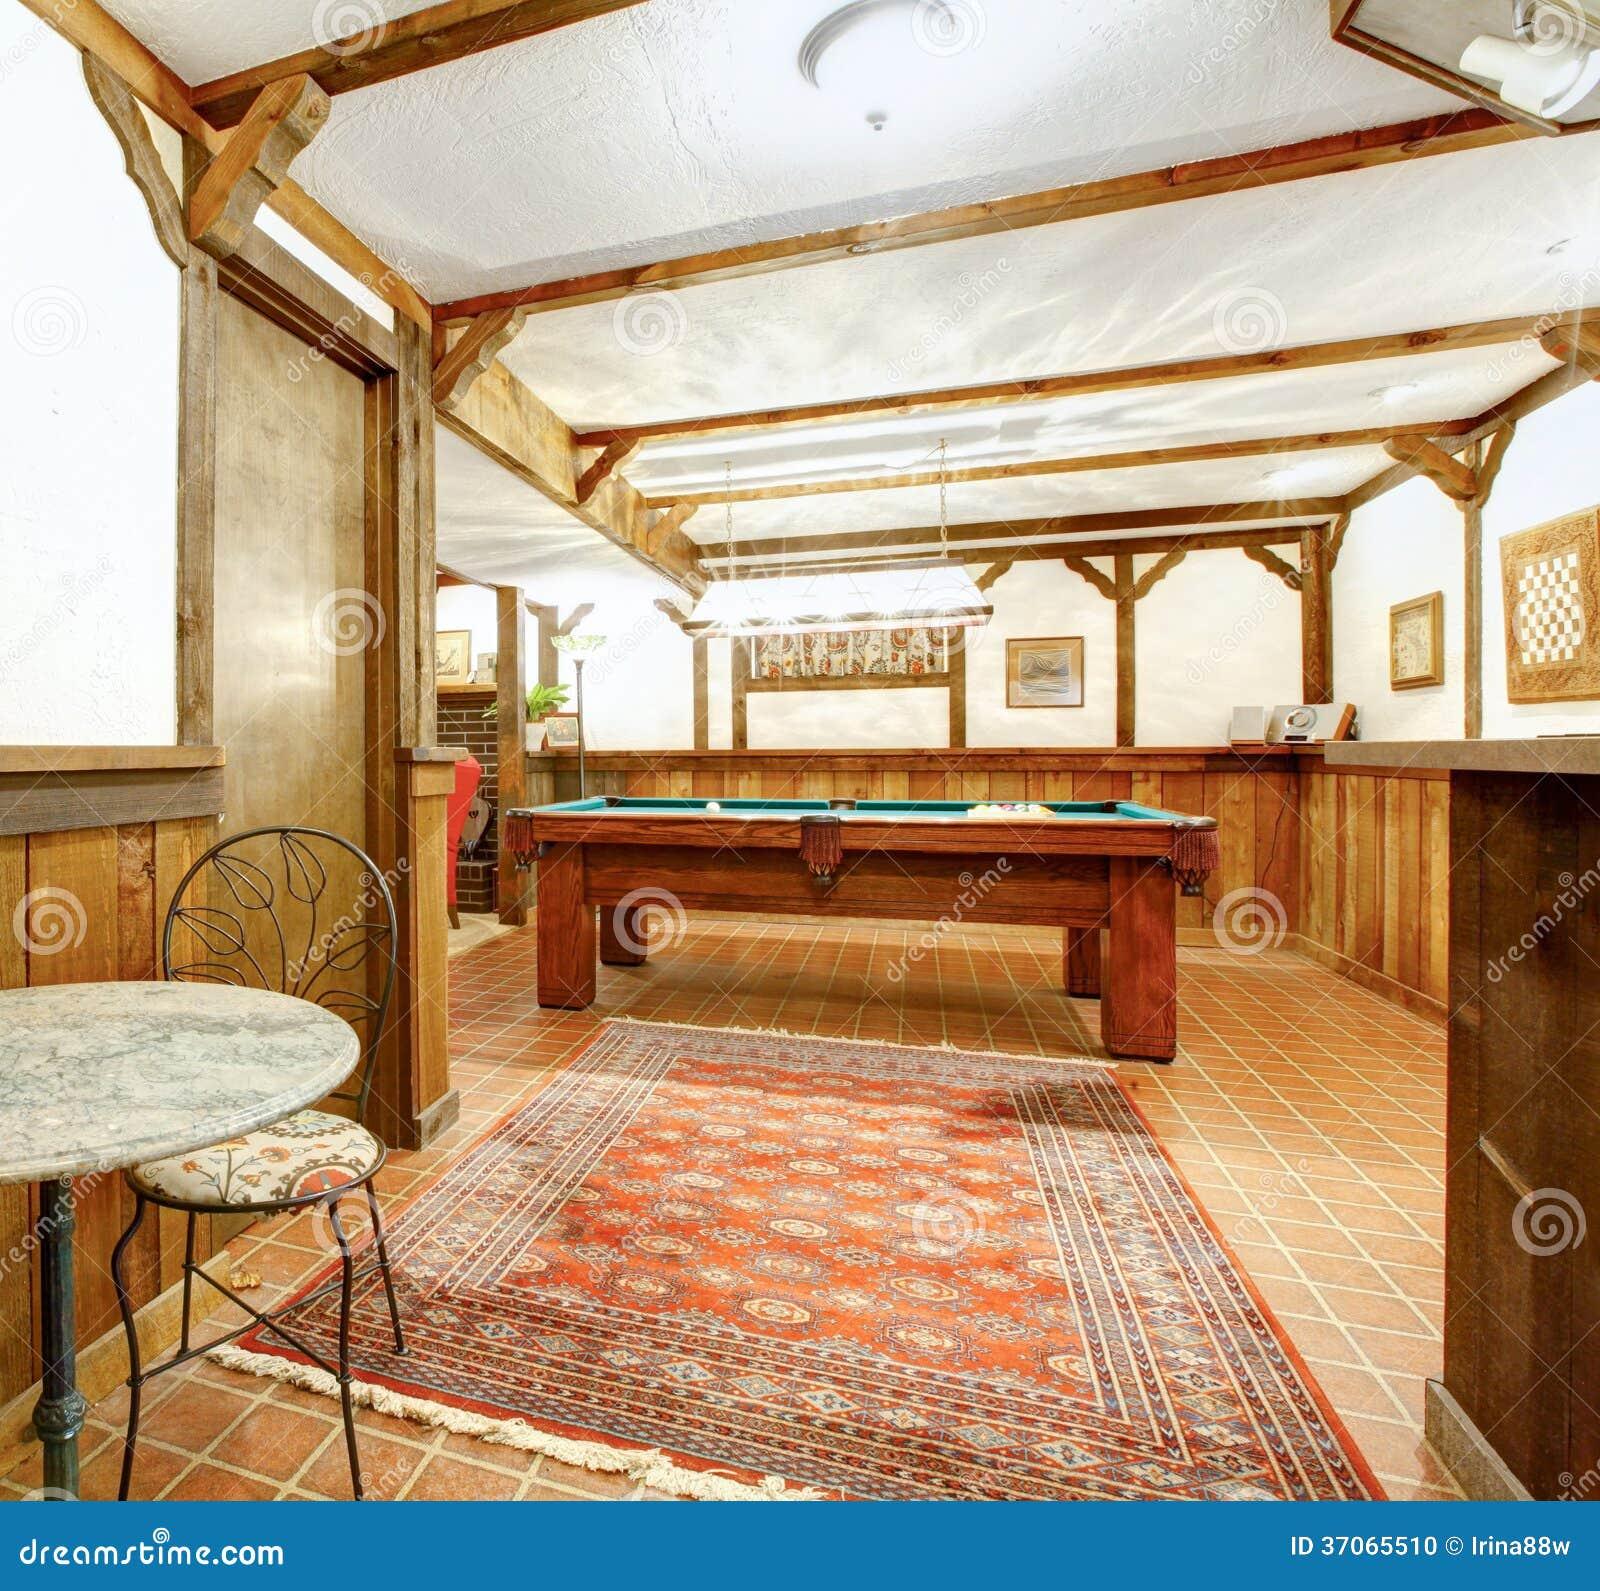 Salon en bois rustique salle de bar et table de billard photo stock image - Bar de salon en bois ...